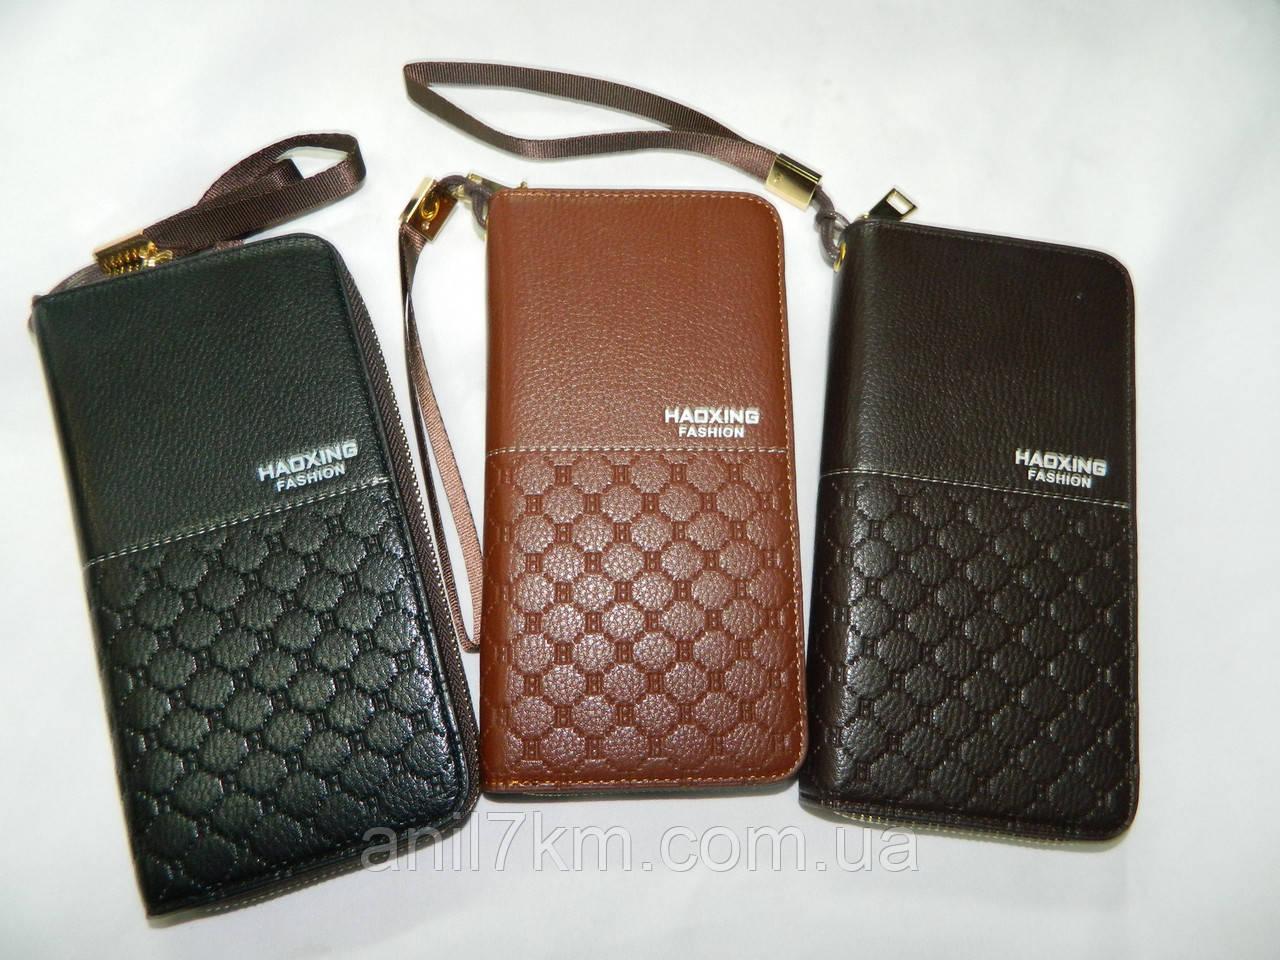 Чоловічий гаманець-клатч на блискавці